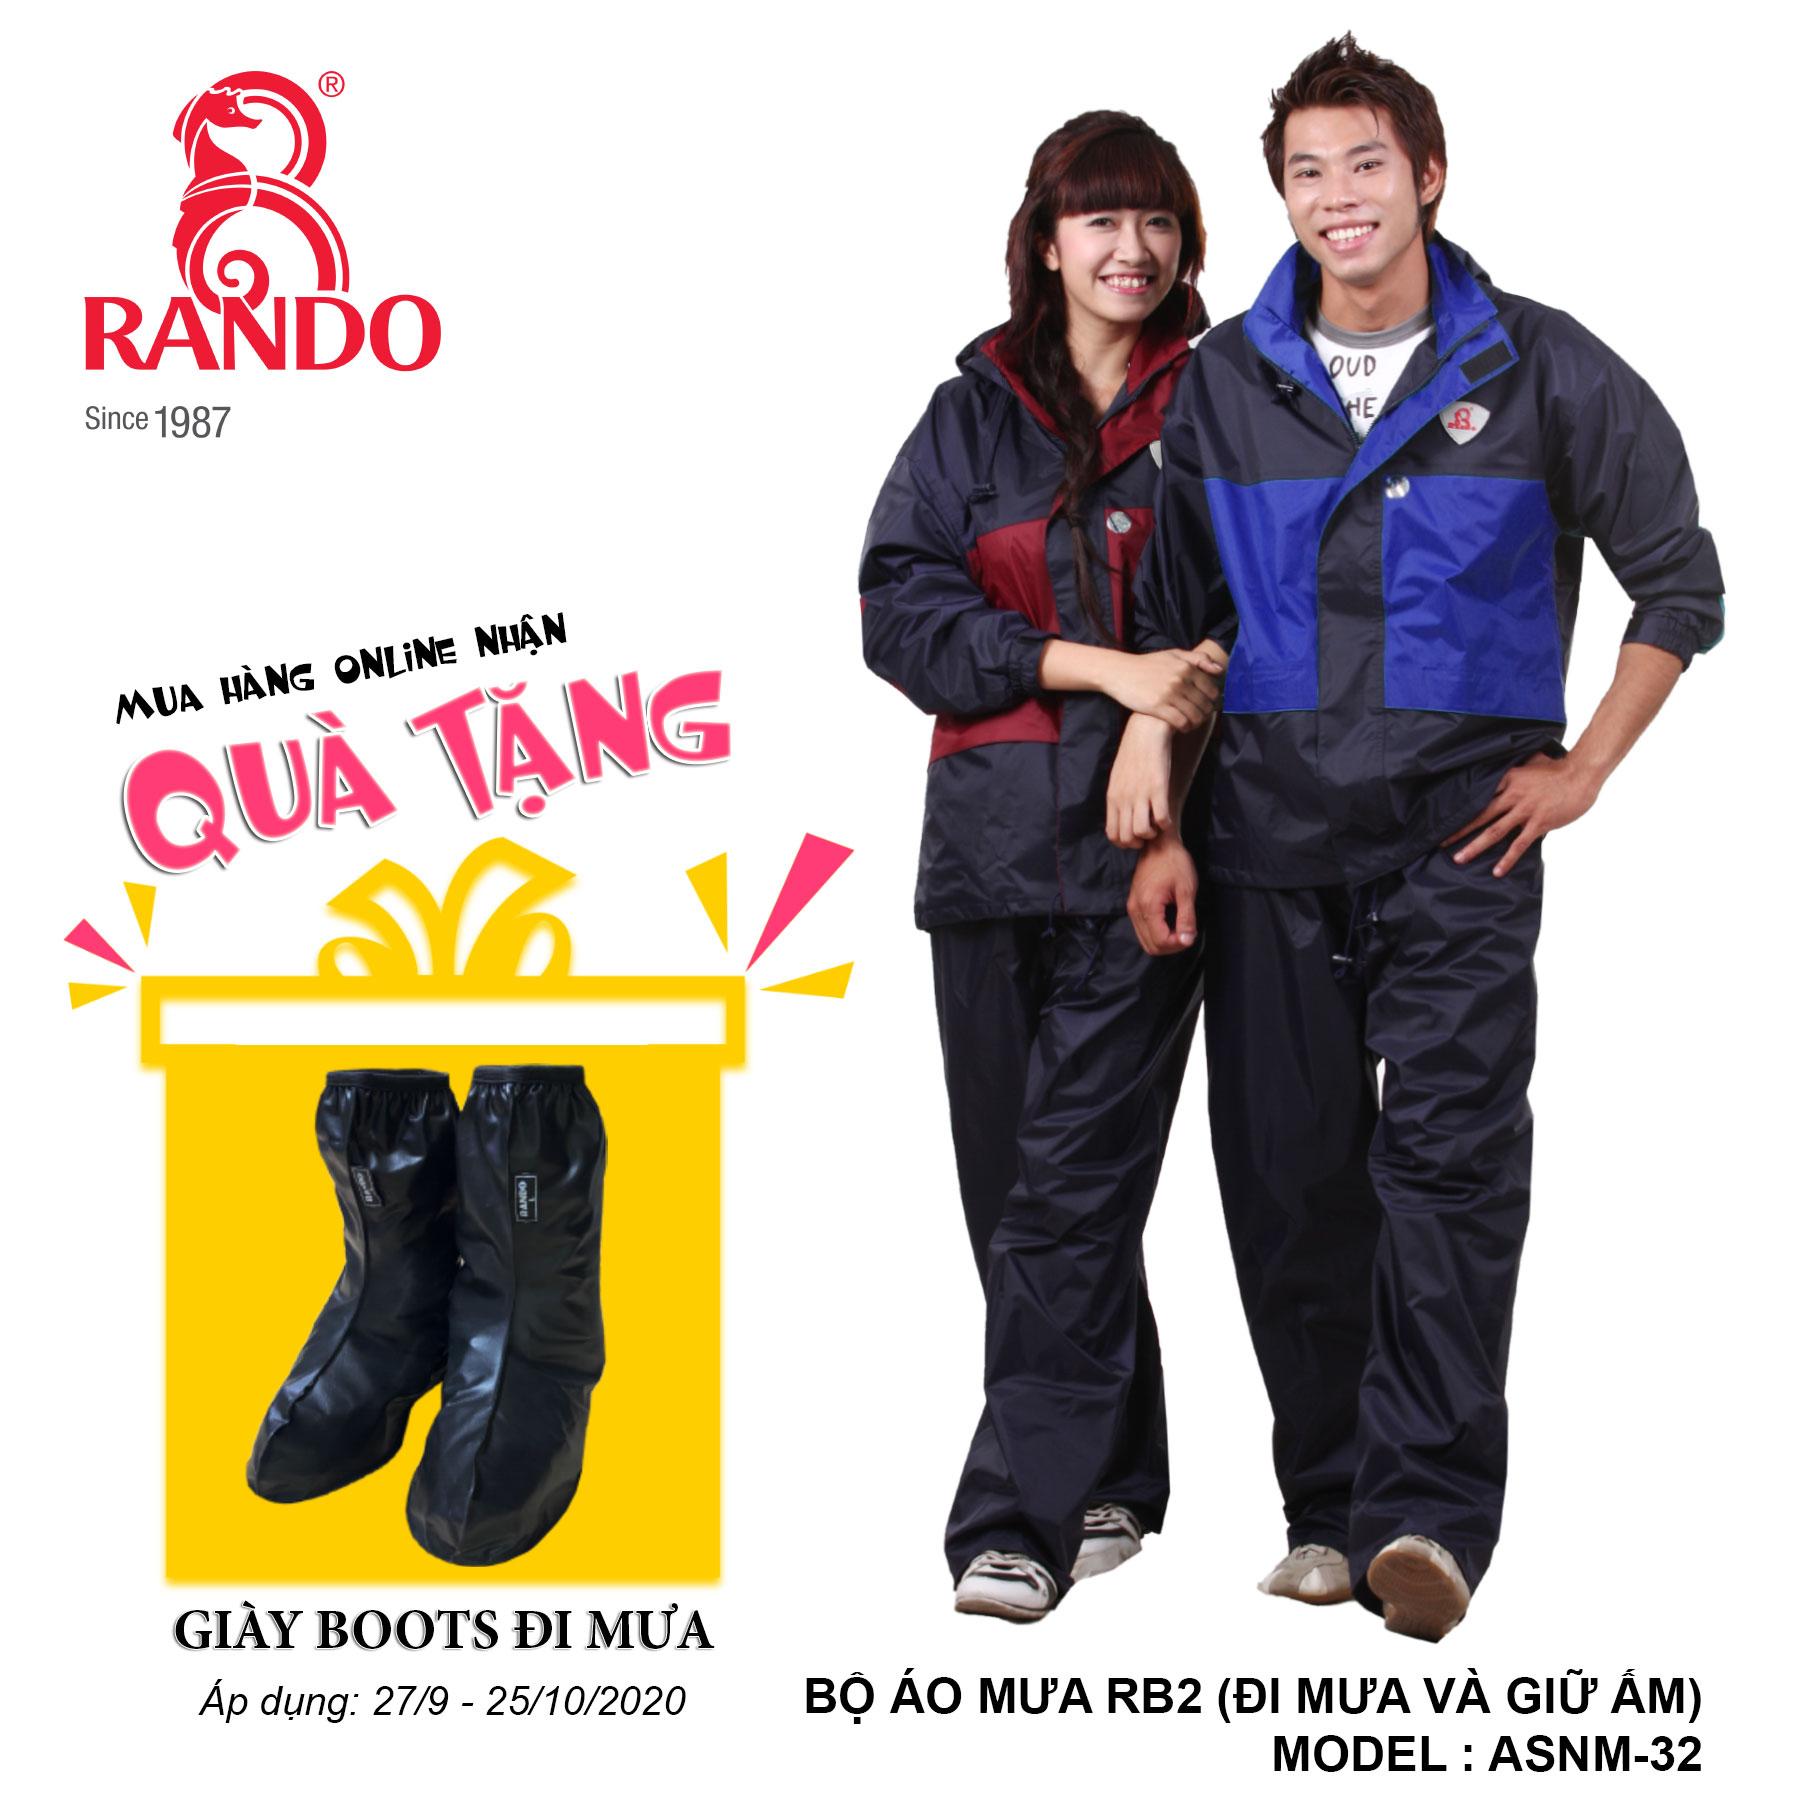 Mua bộ áo mưa RB2 tặng GIÀY BOOTS đi mưa RANDO